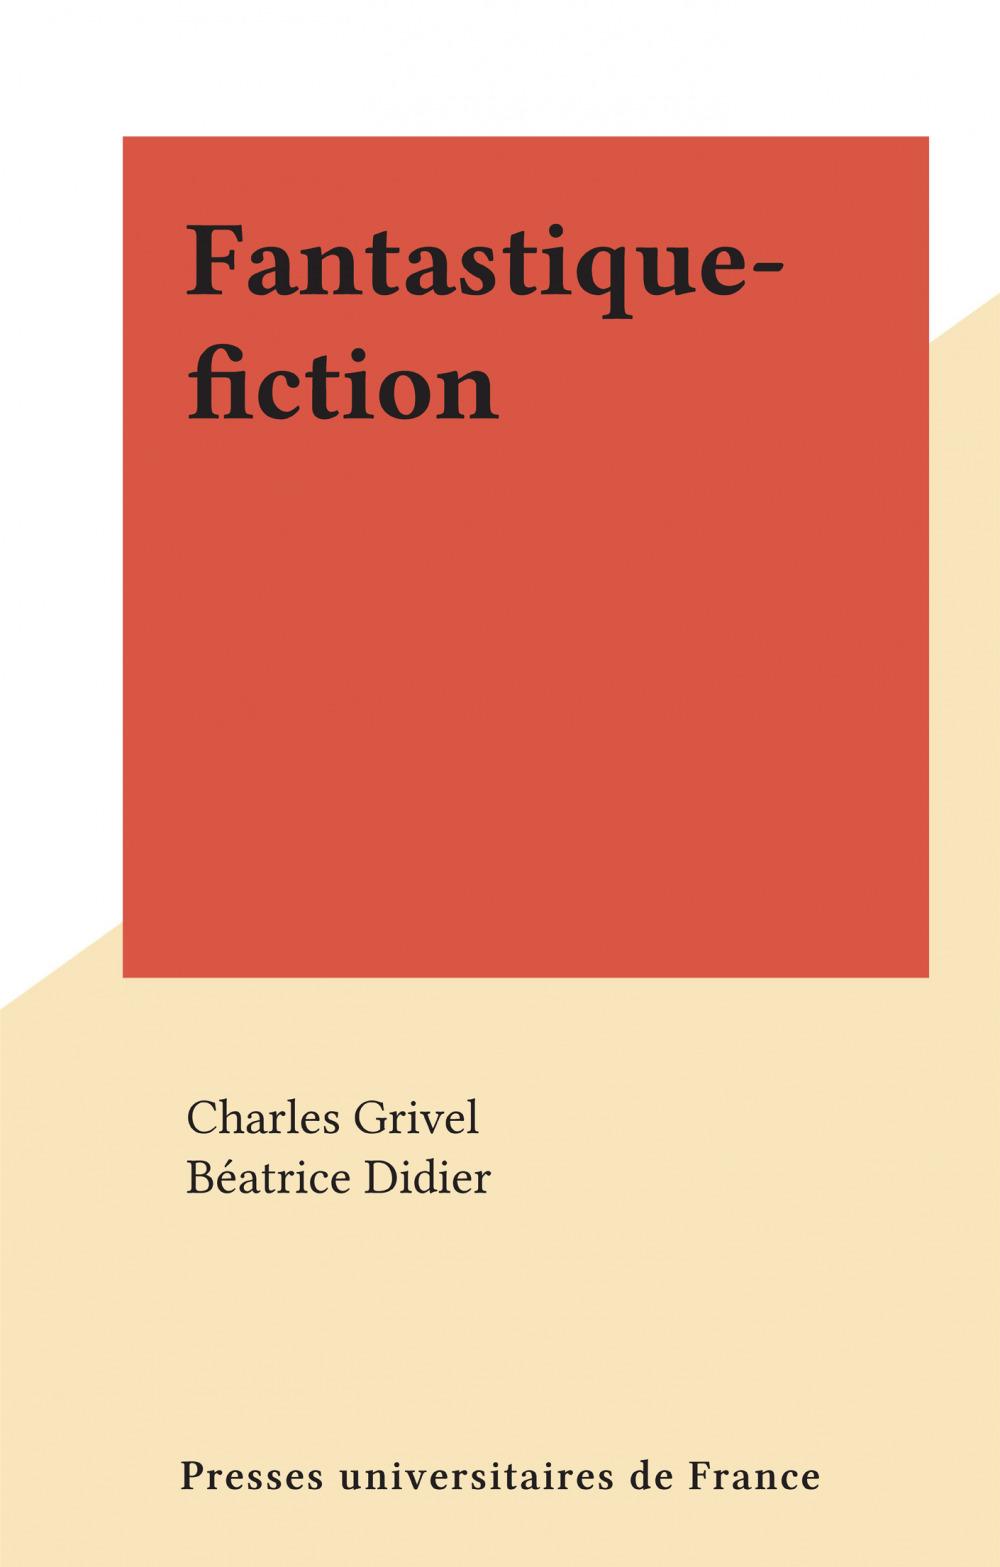 Fantastique-fiction  - Charles Grivel